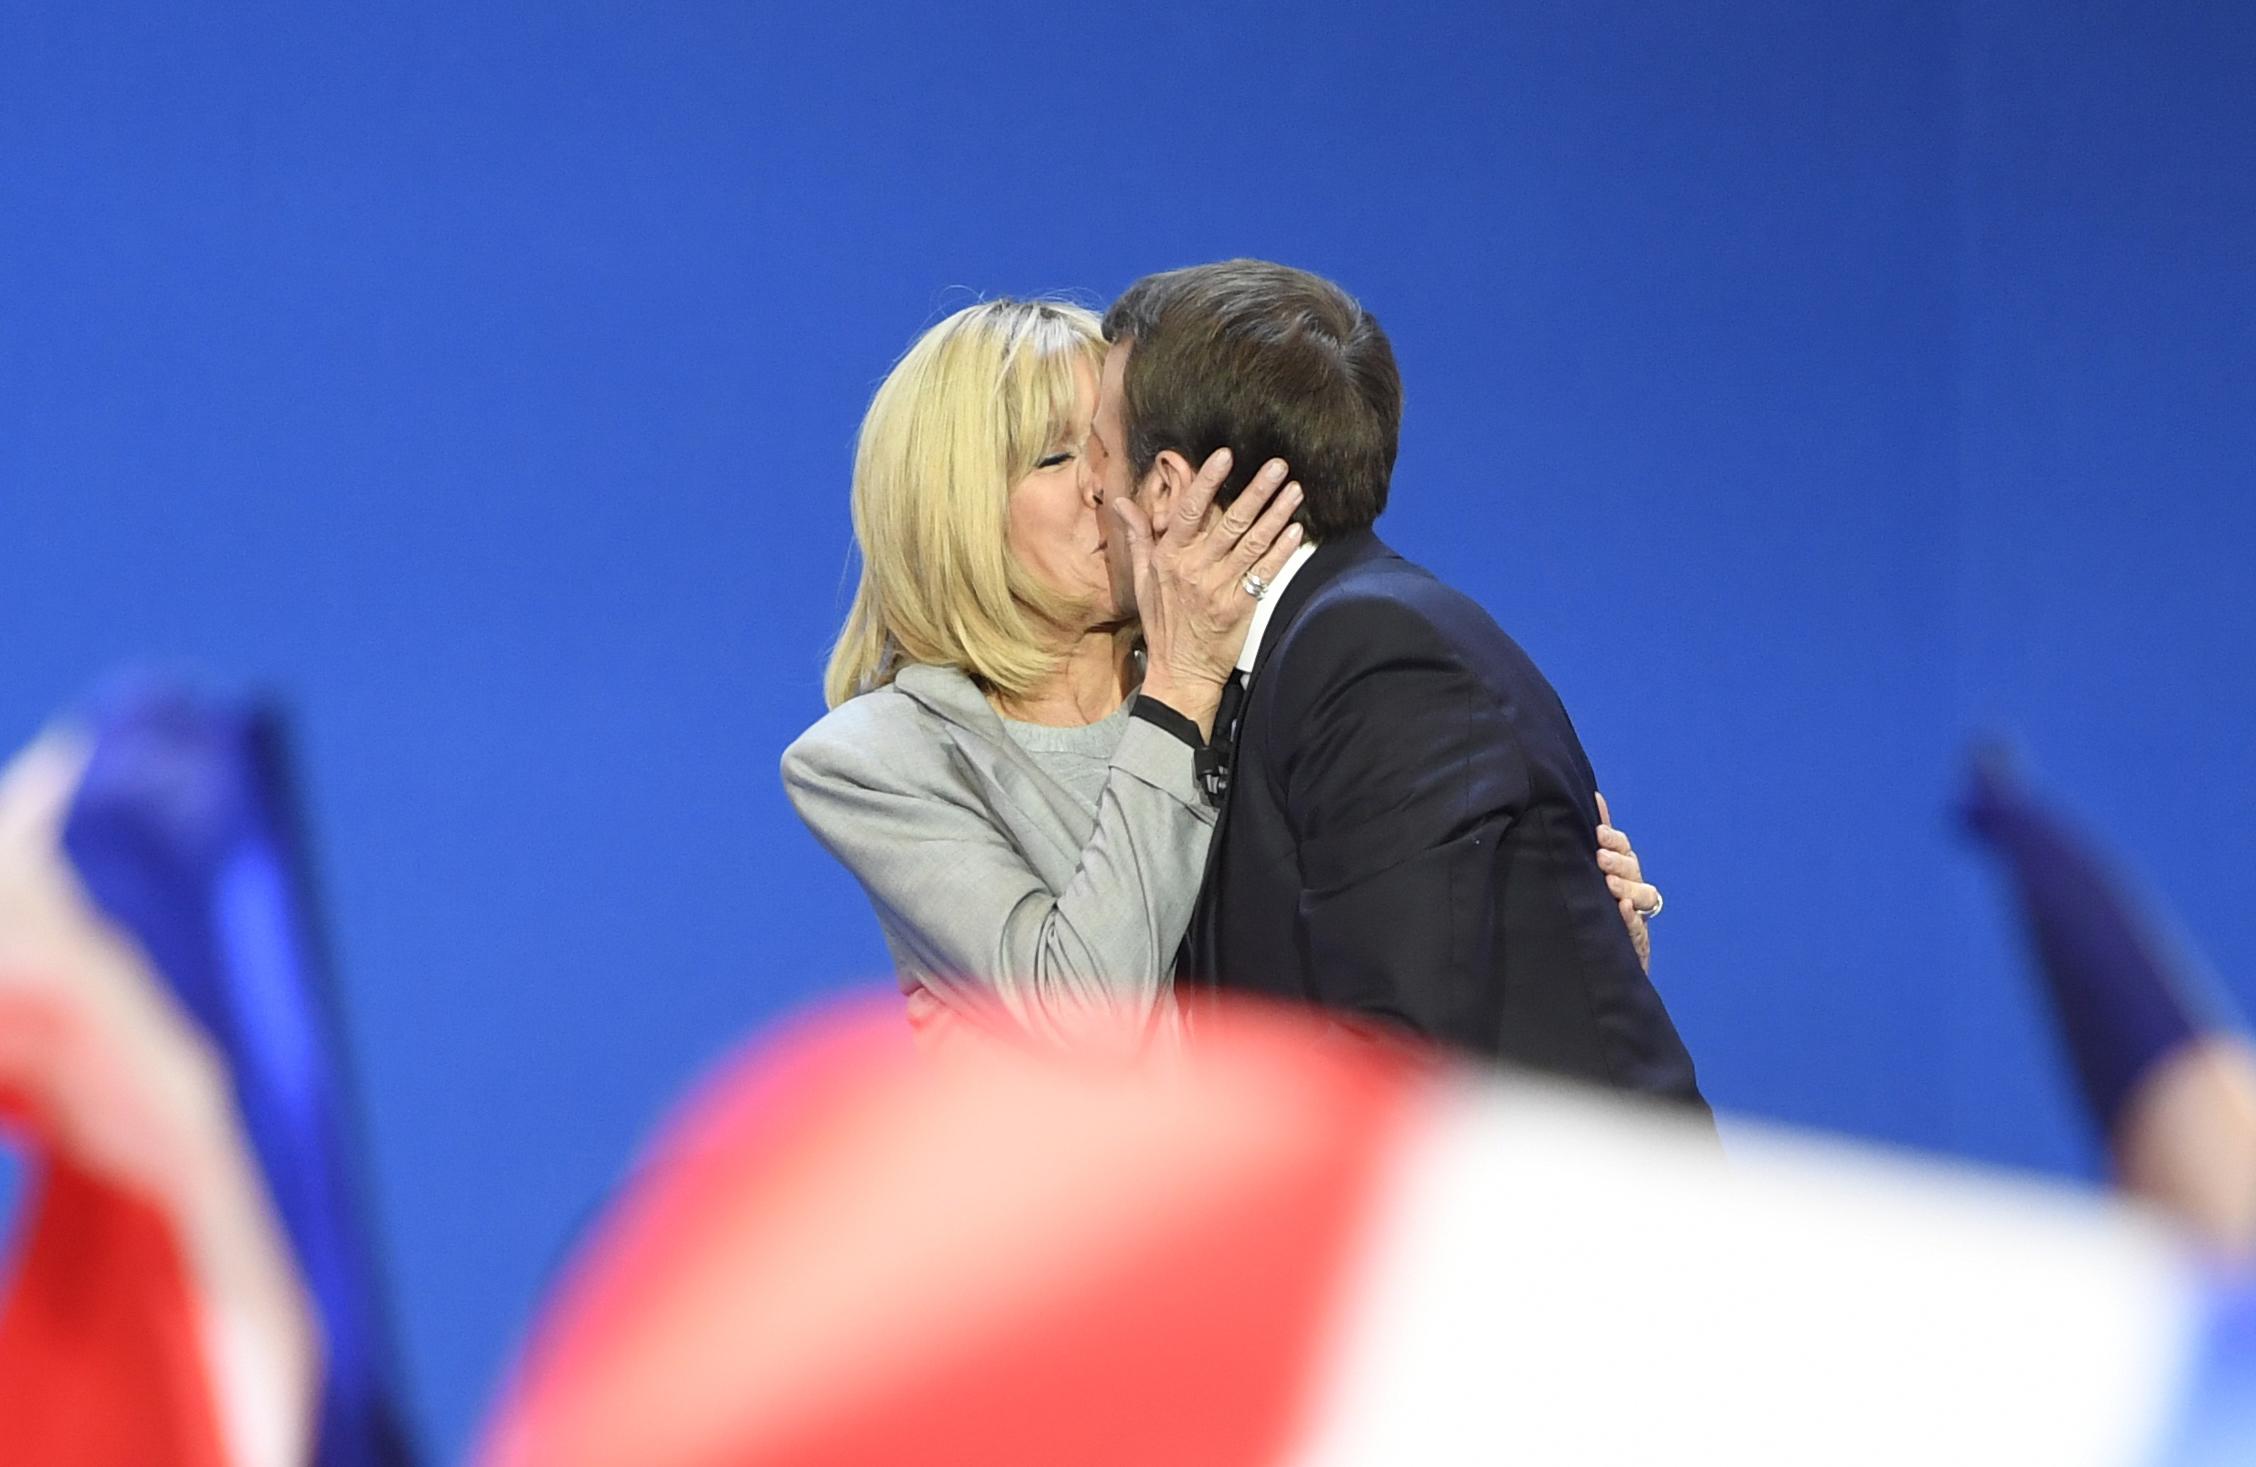 La Historia De Amor De Macron Y Su Esposa Cnn Video